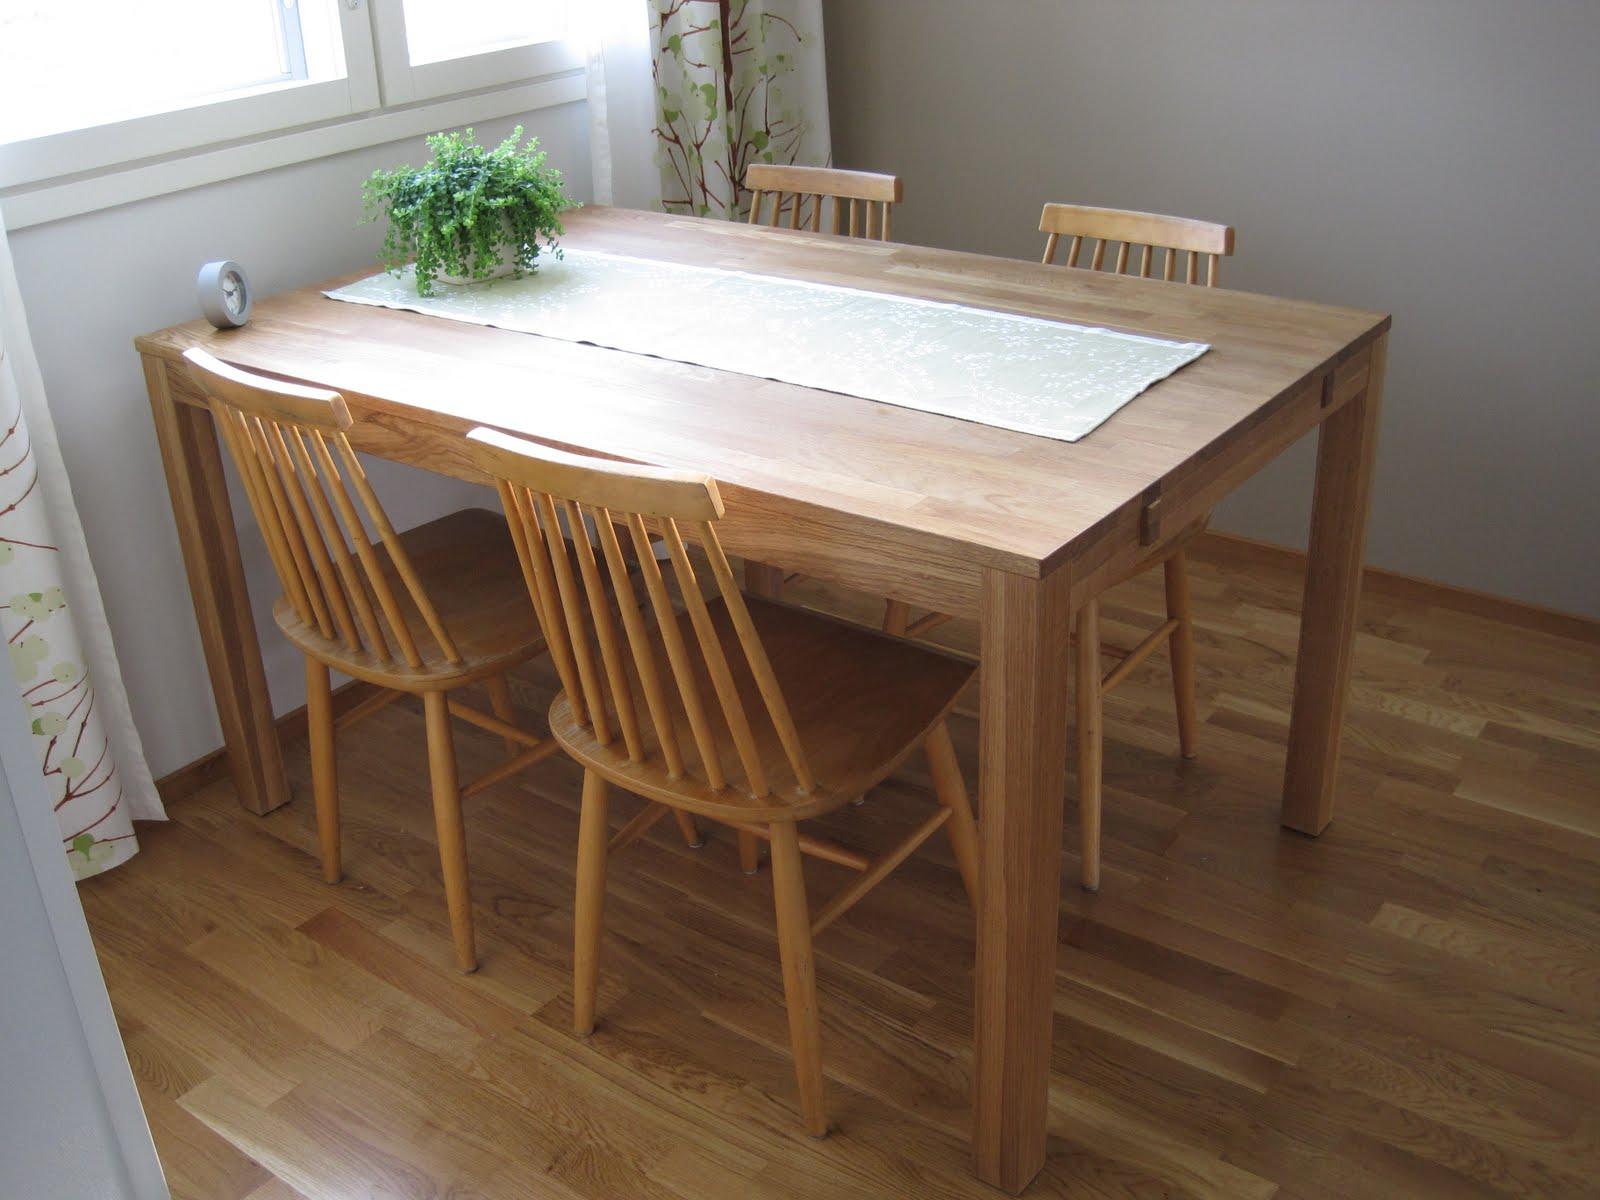 Oma keittiön pöydän ääressä